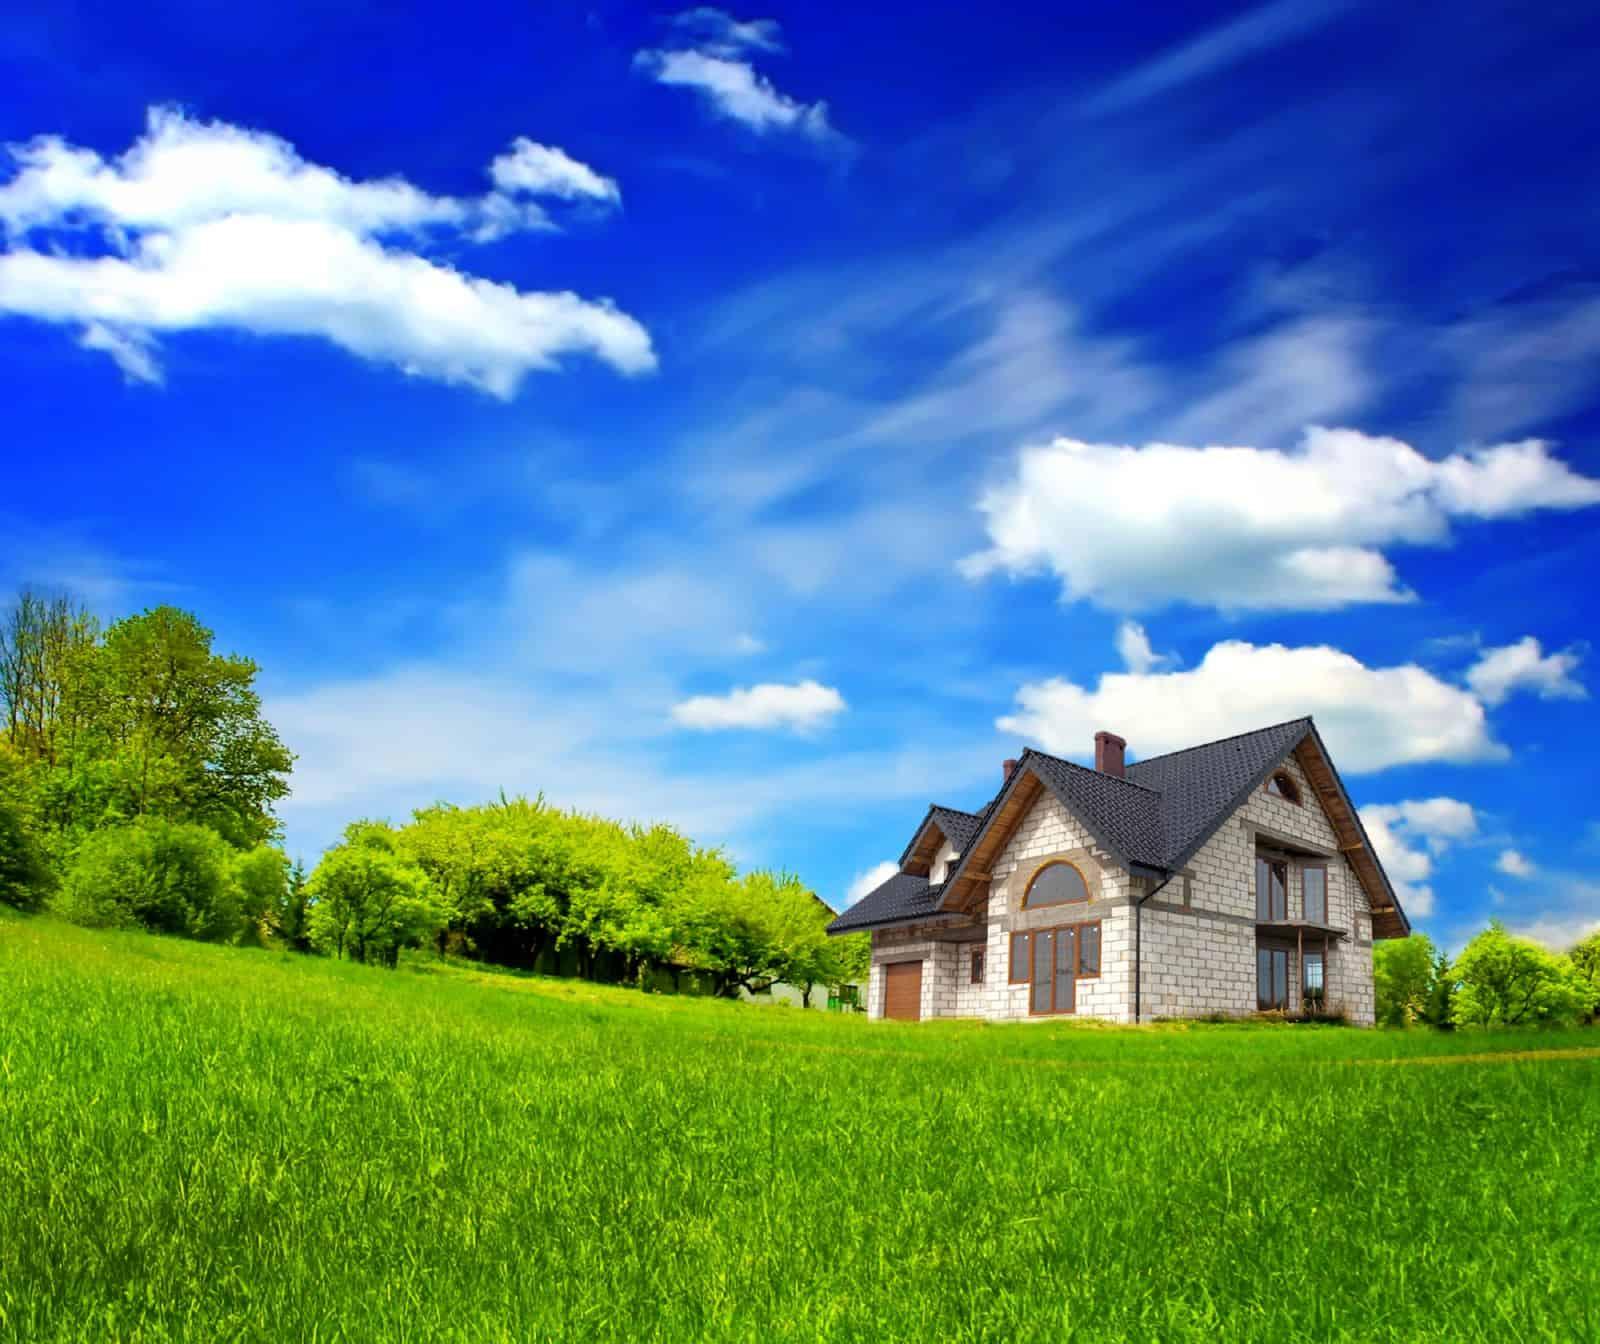 Как правильно оформить покупку дома с земельным участком